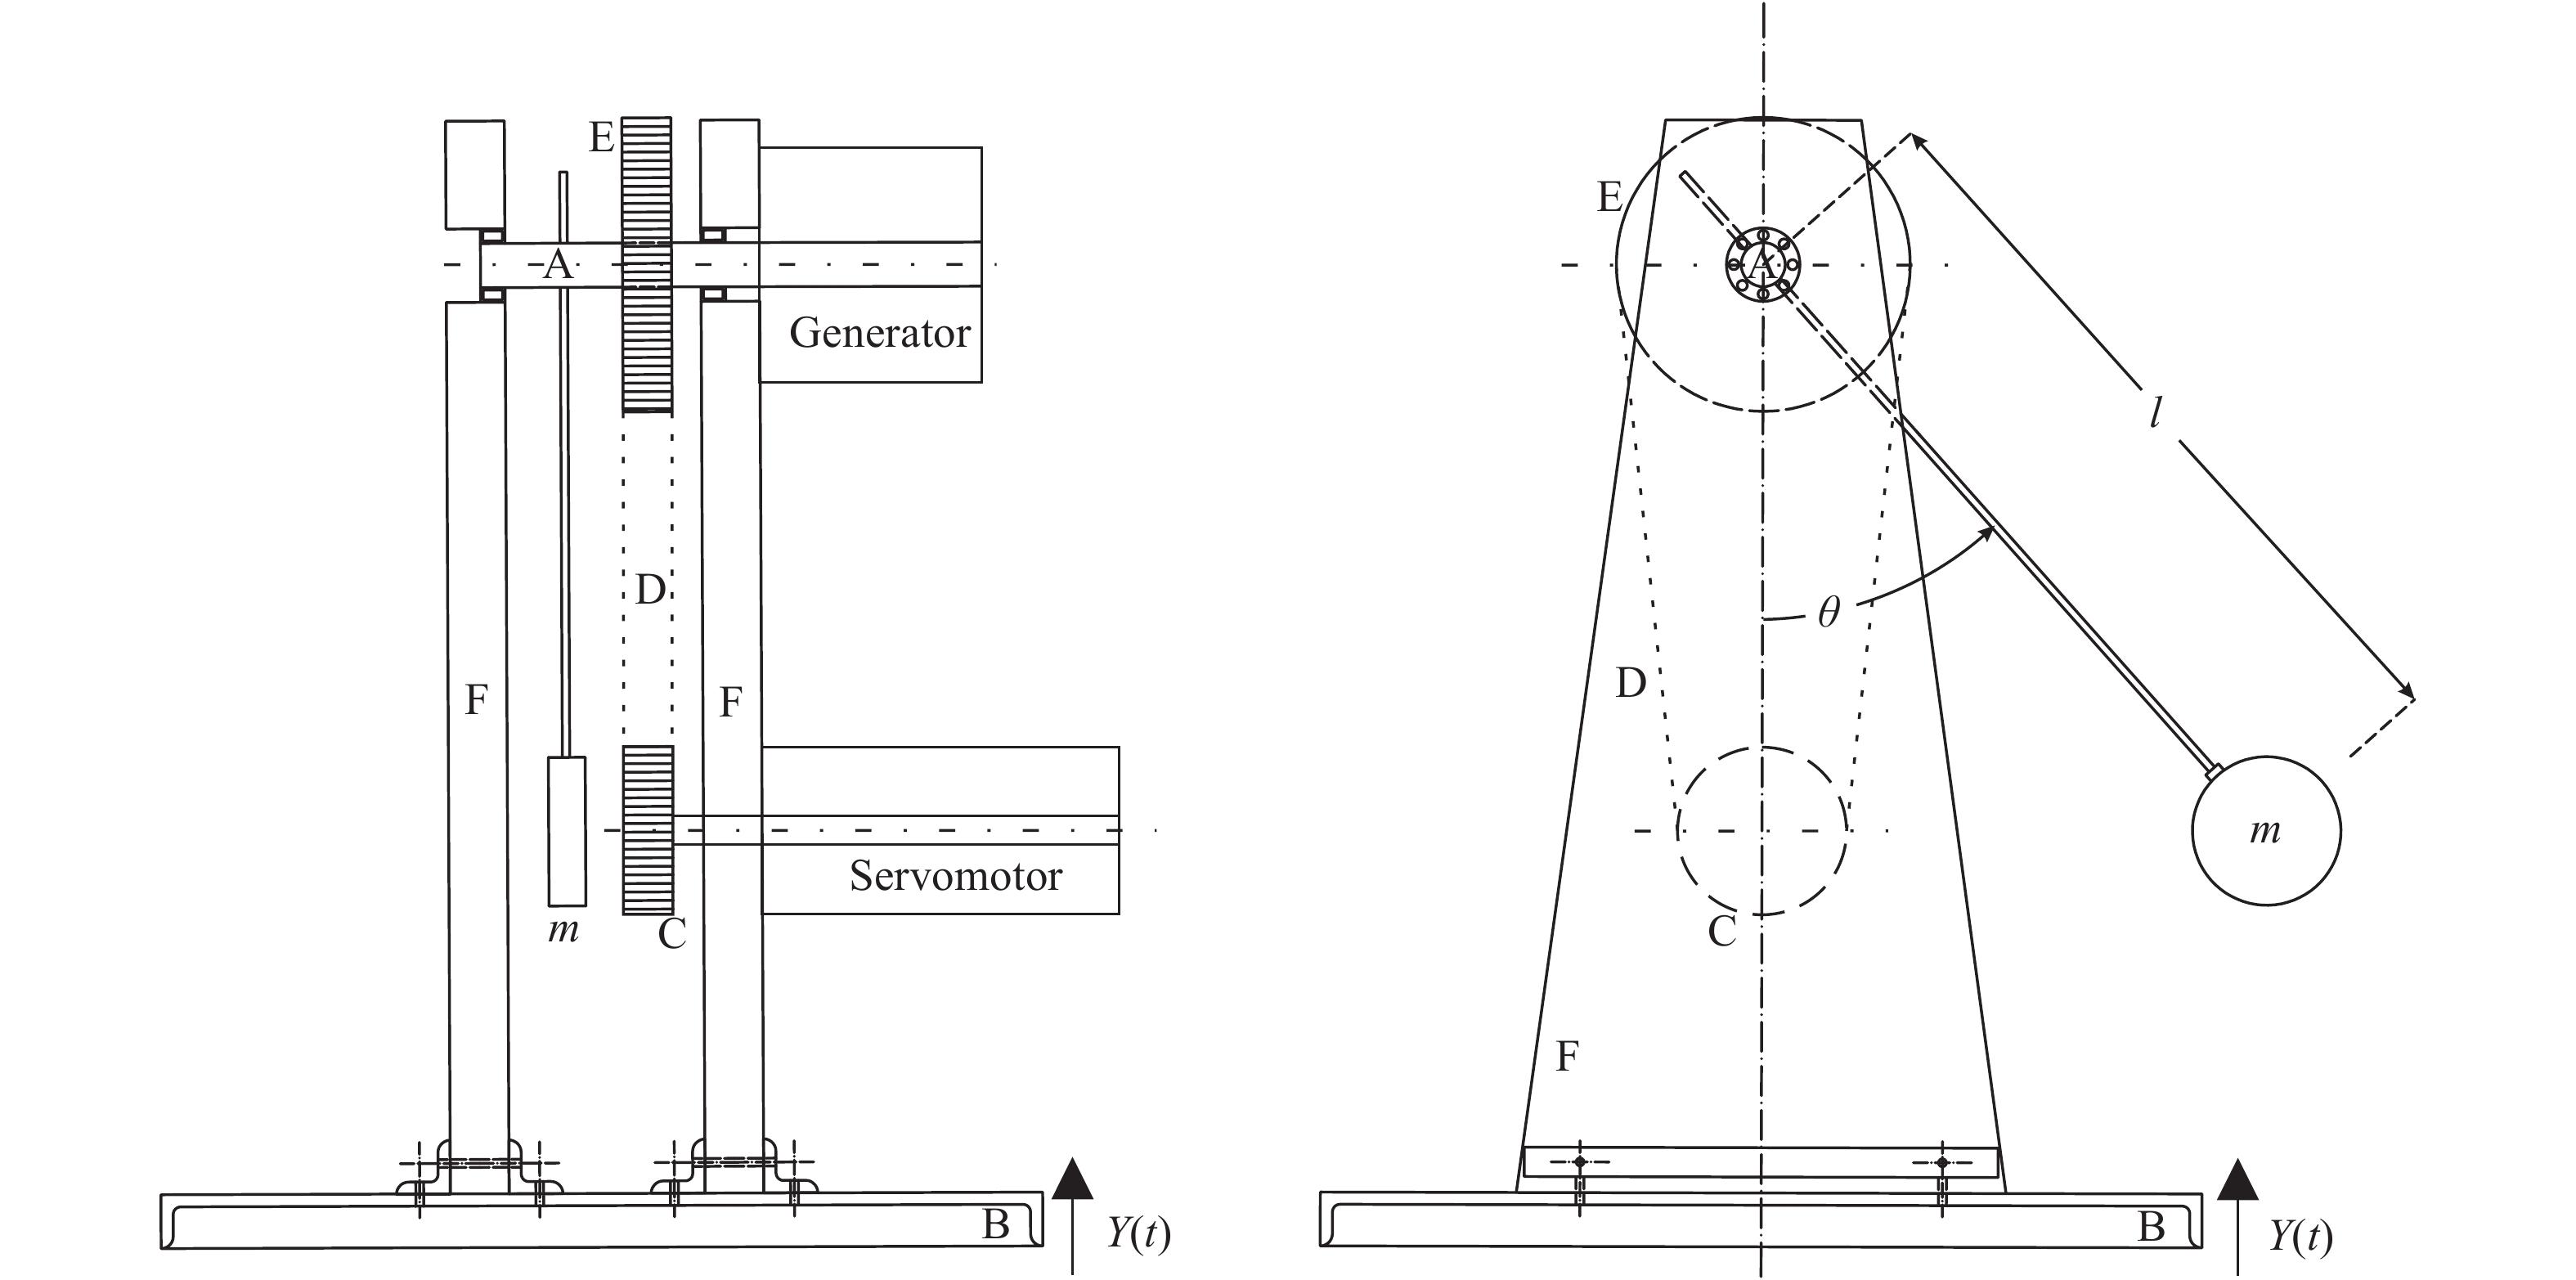 Railroad Diagram Generator